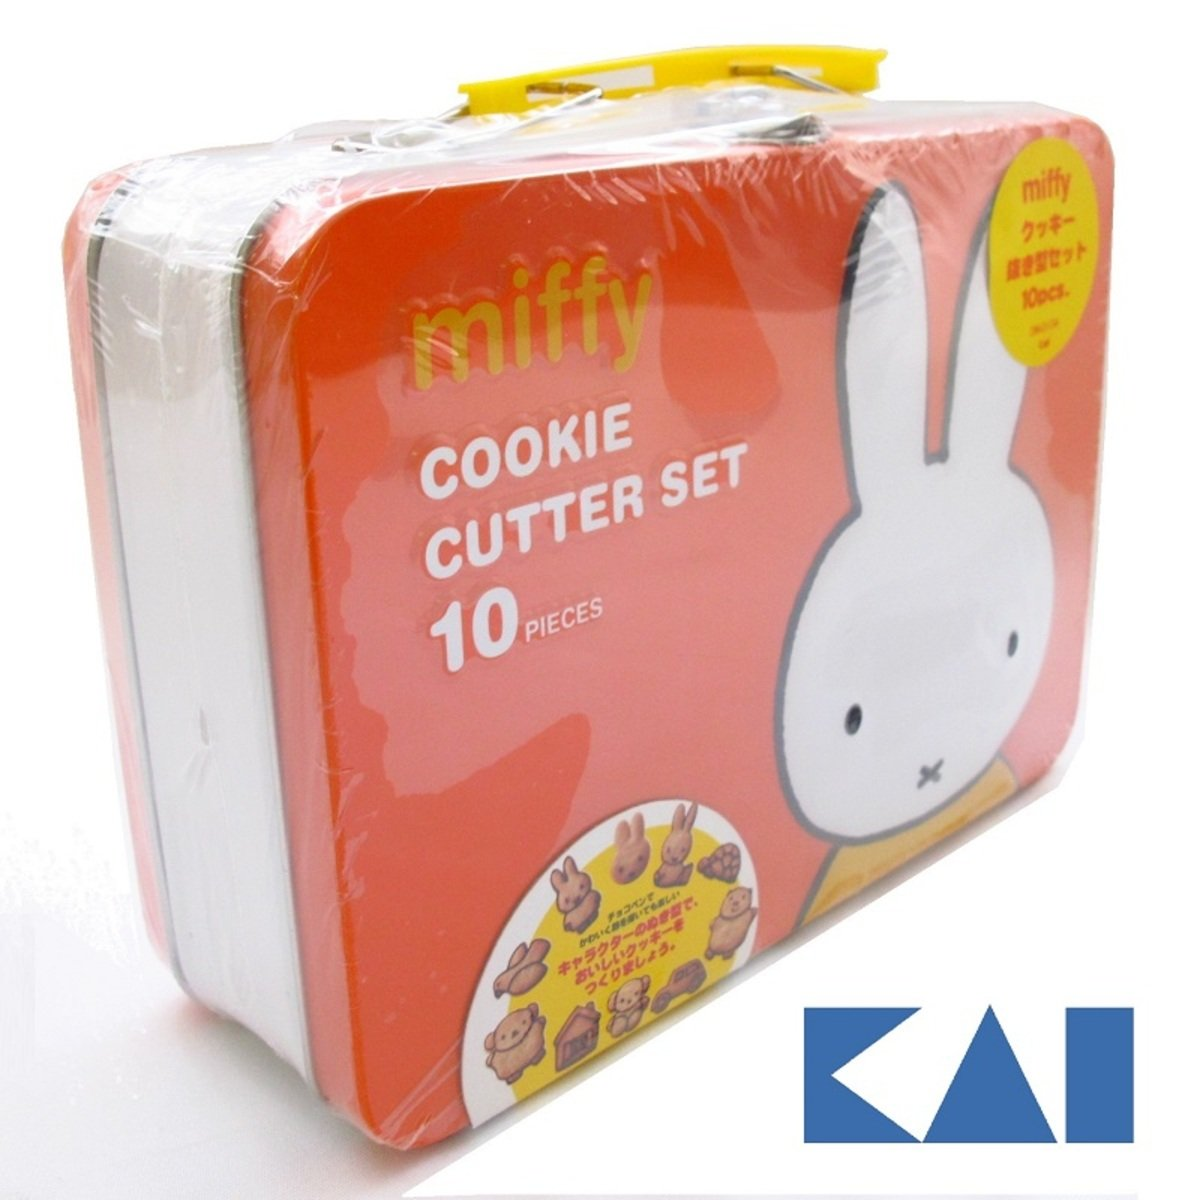 Miffy 曲奇模連盒 (10件裝)